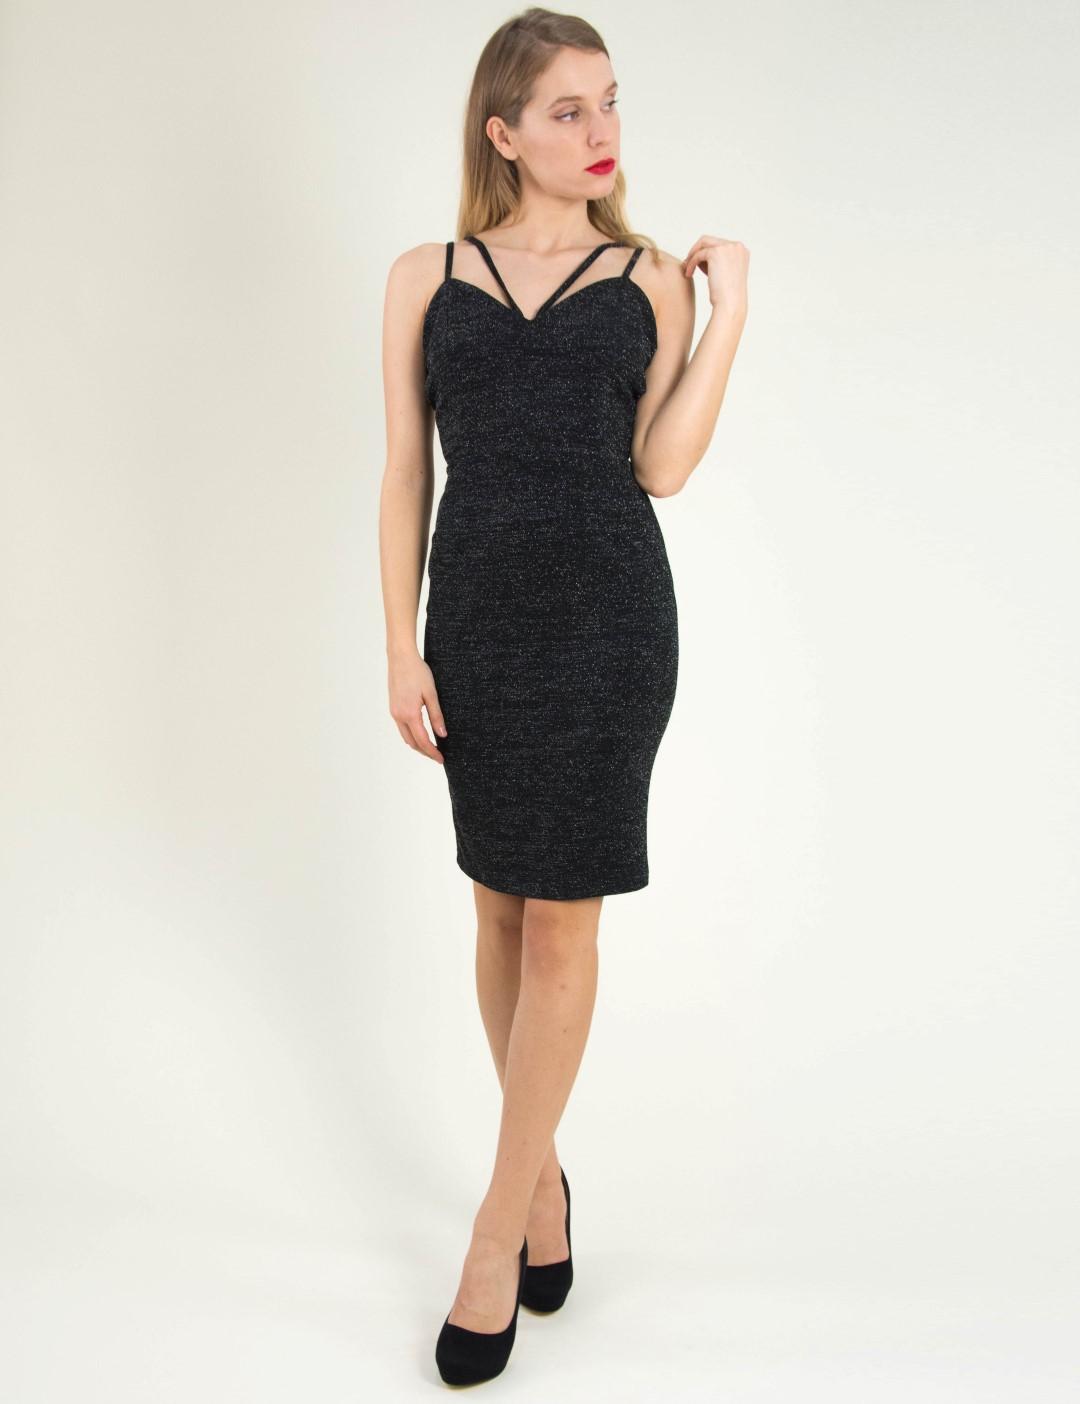 47c38a079c3 Γυναικείο μαύρο εφαρμοστό φόρεμα Lurex ραντάκι 8307174